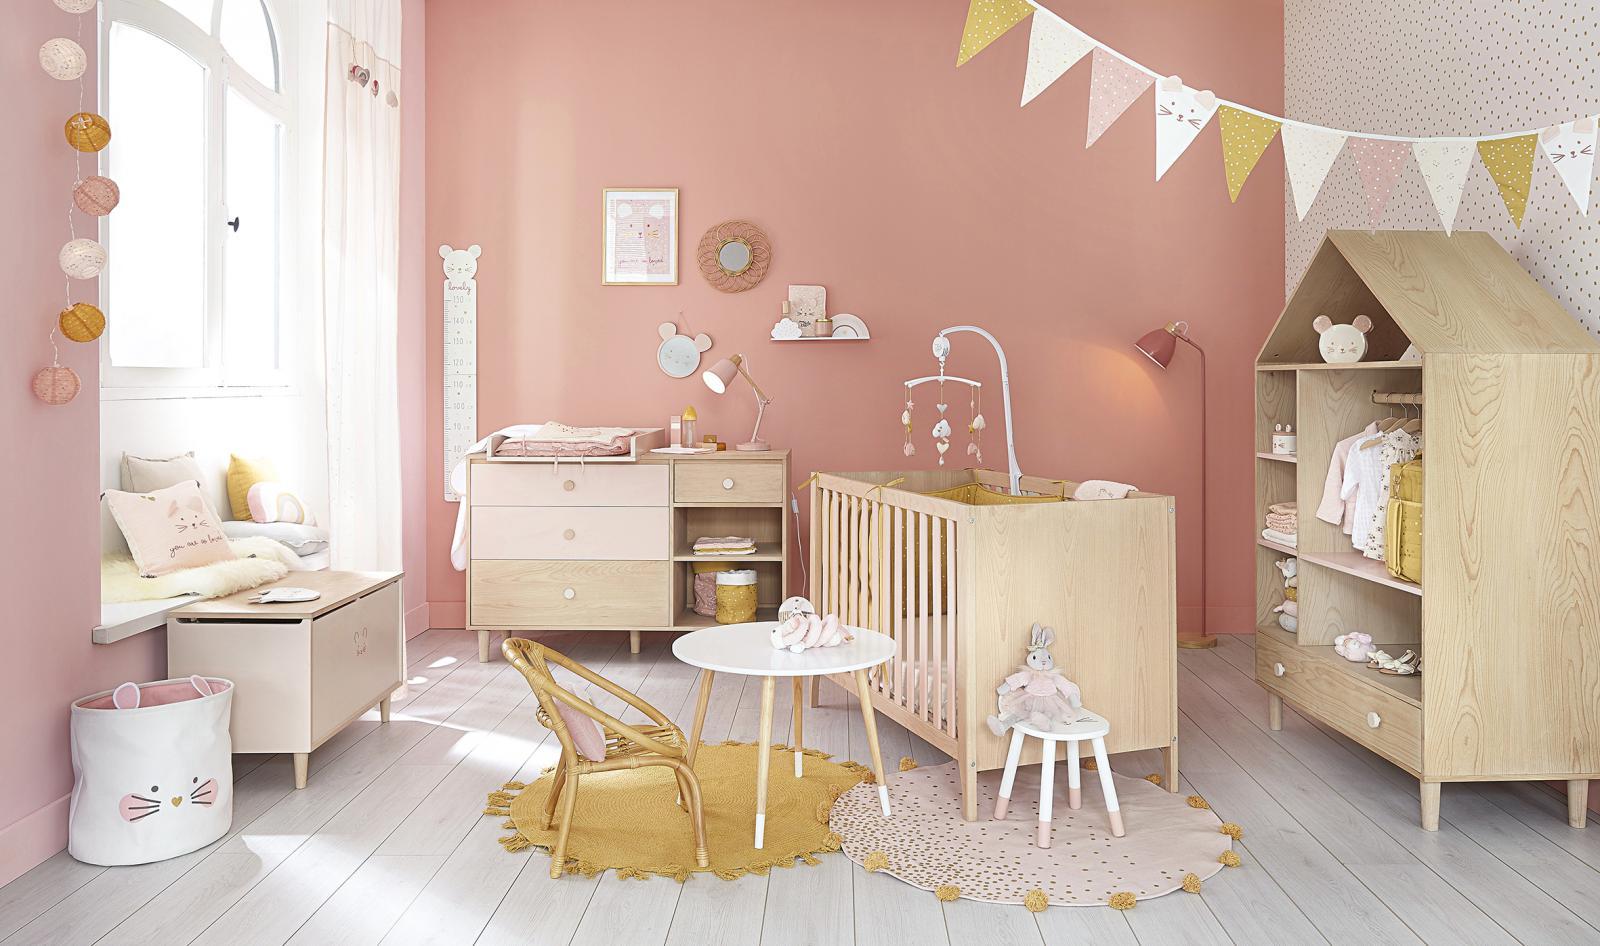 5 astuces pour aménager une chambre de bébé cocooning | Madame Décore